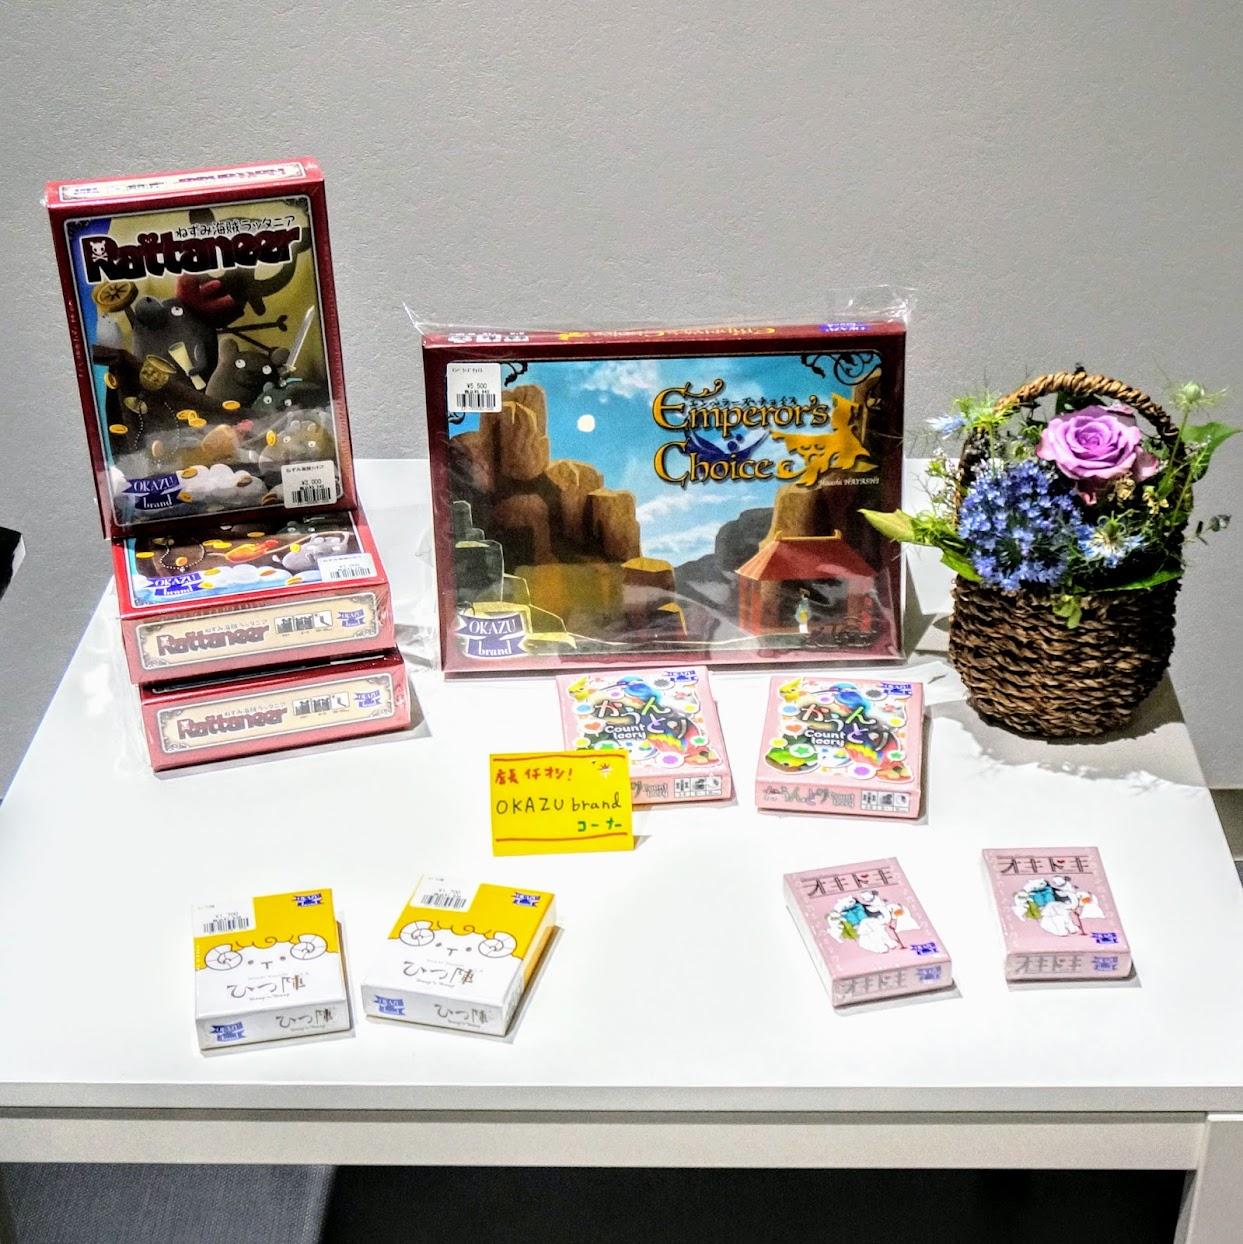 ゲームショップぶんぶん:OKAZU brand